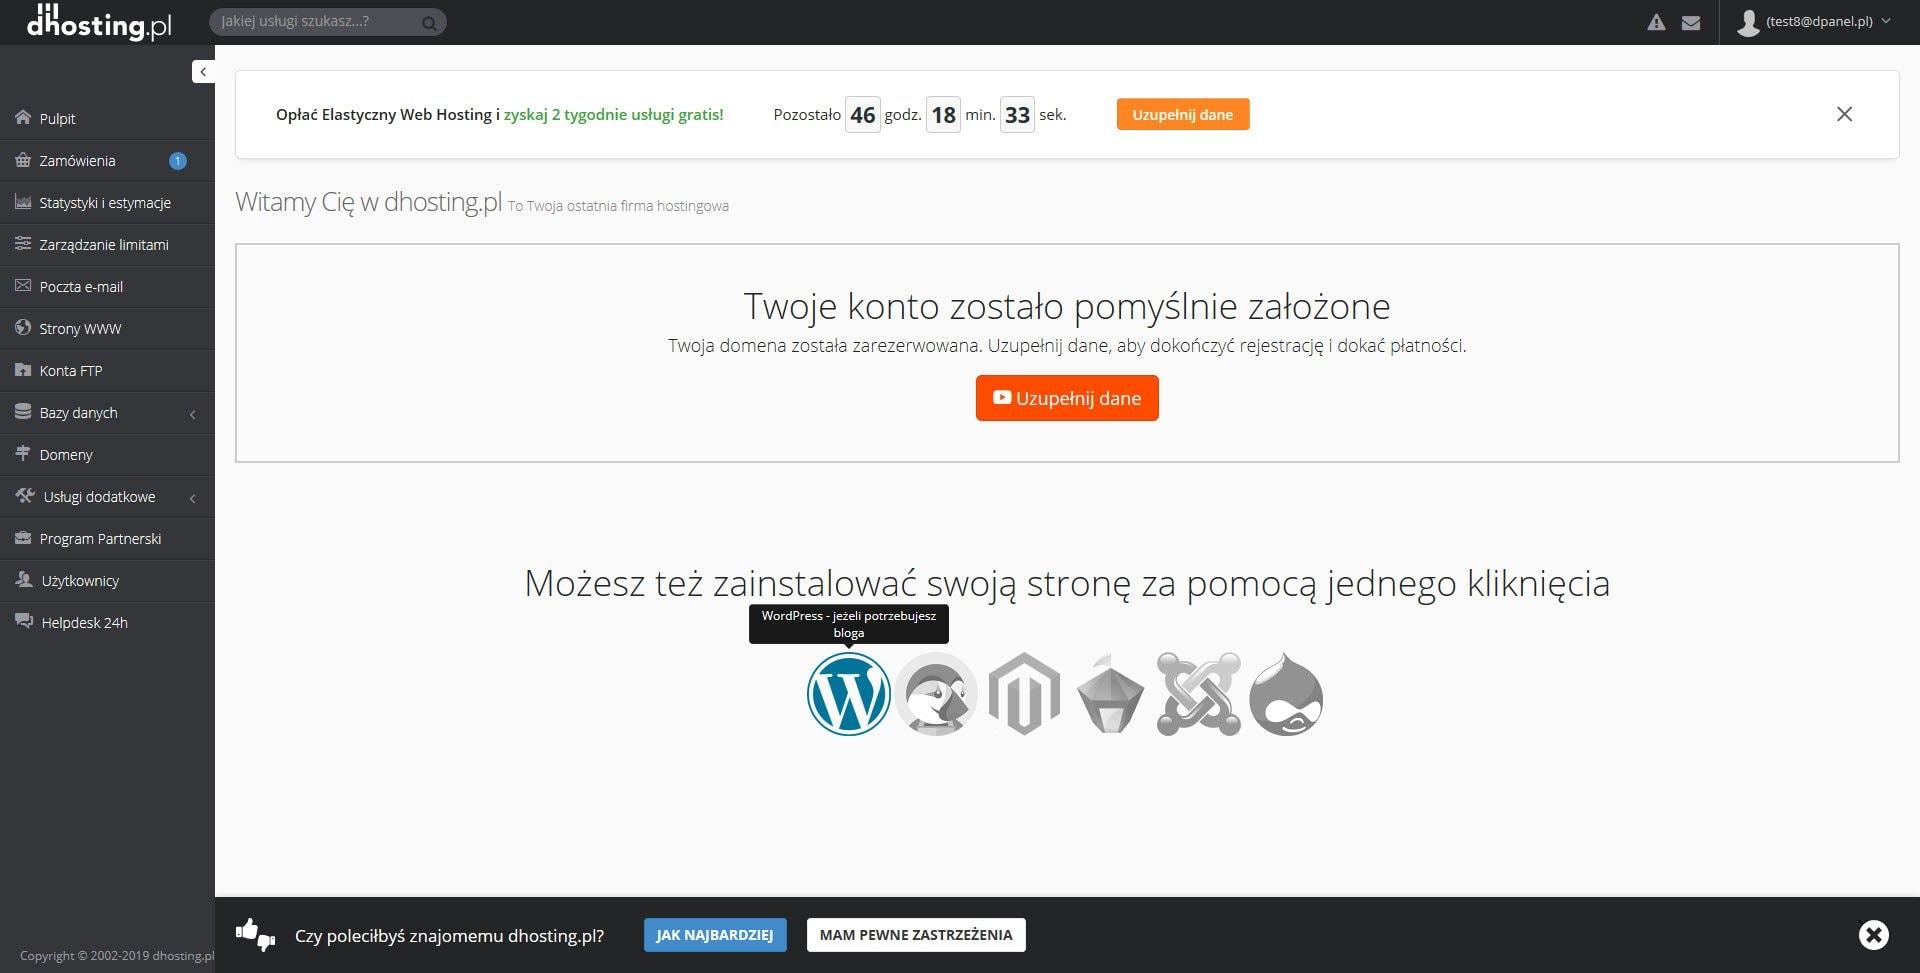 Ekran powitalny panelu administracyjnego firmy hostingowej dhosting zaraz po zarejestrowaniu nowego konta hostingowego